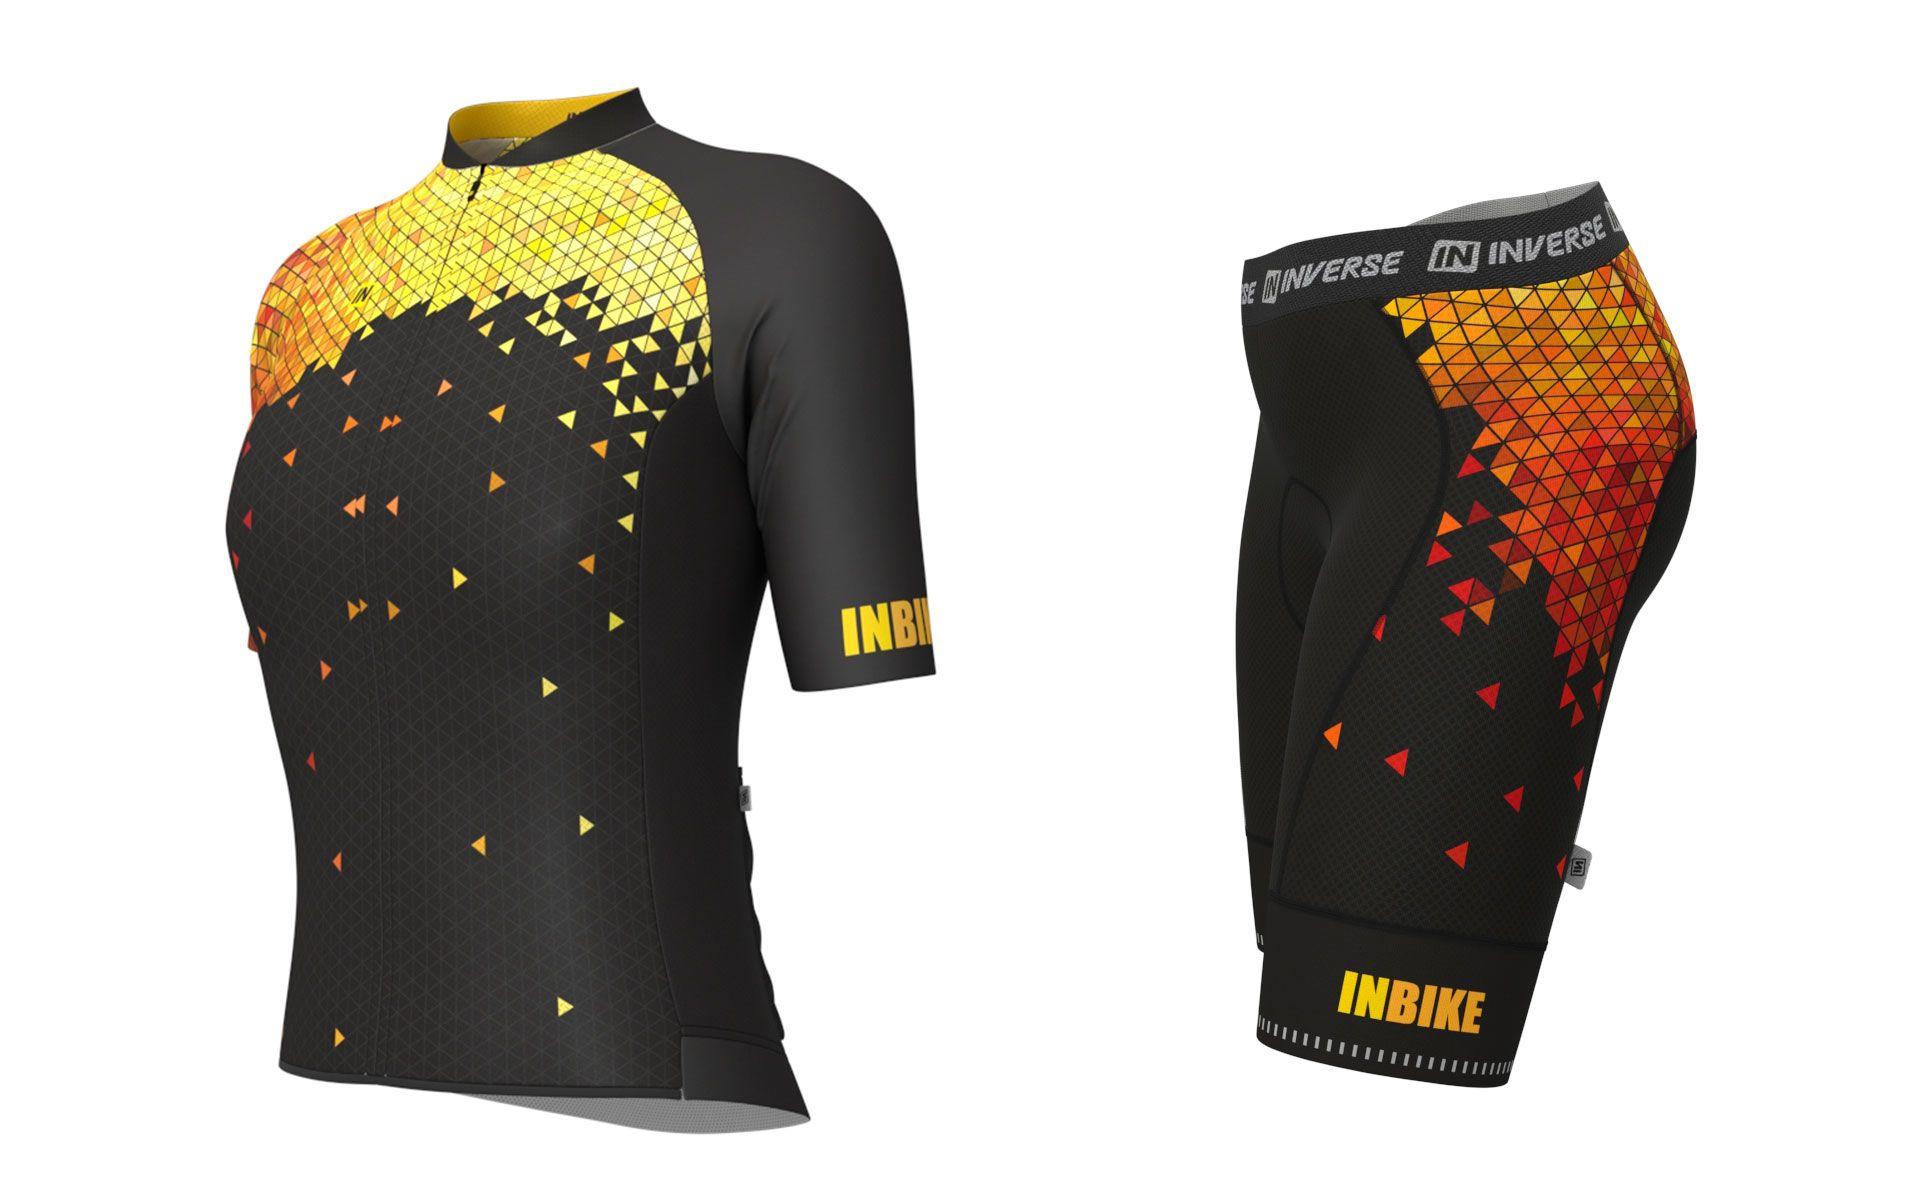 """Nueva serie limitada """"INBIKE"""" de maillot 028e03879"""